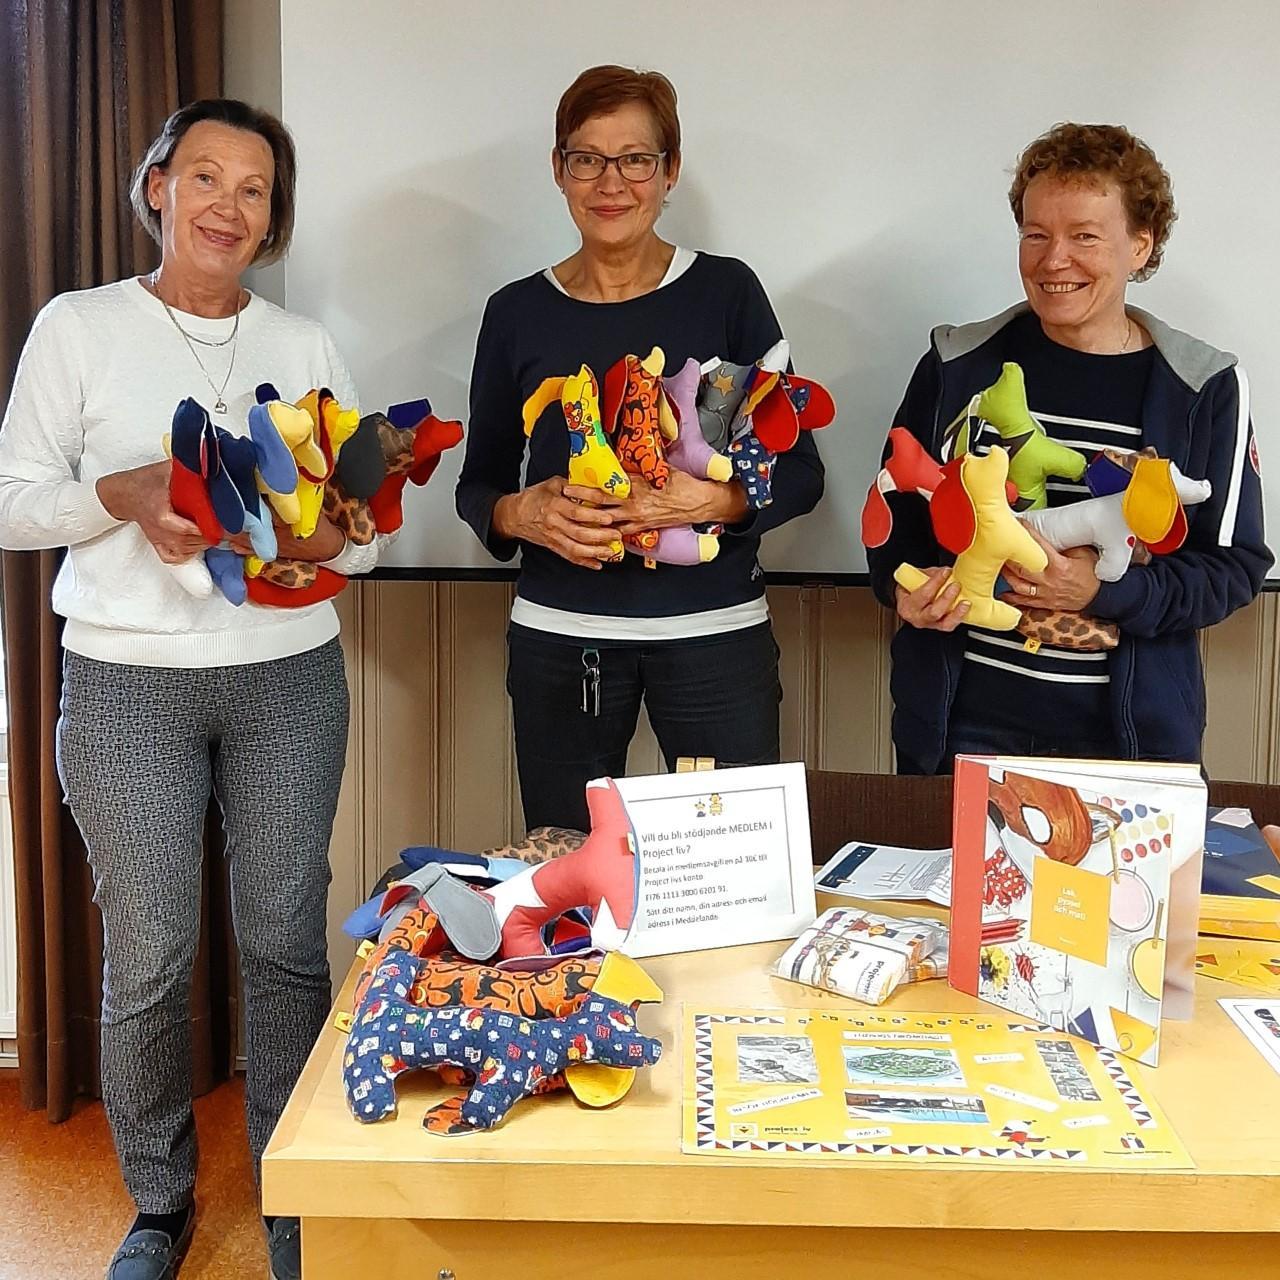 tre kvinnor står med mjukishundar i famnen framför ett bord med en massa kit för föräldrar på sjukhus